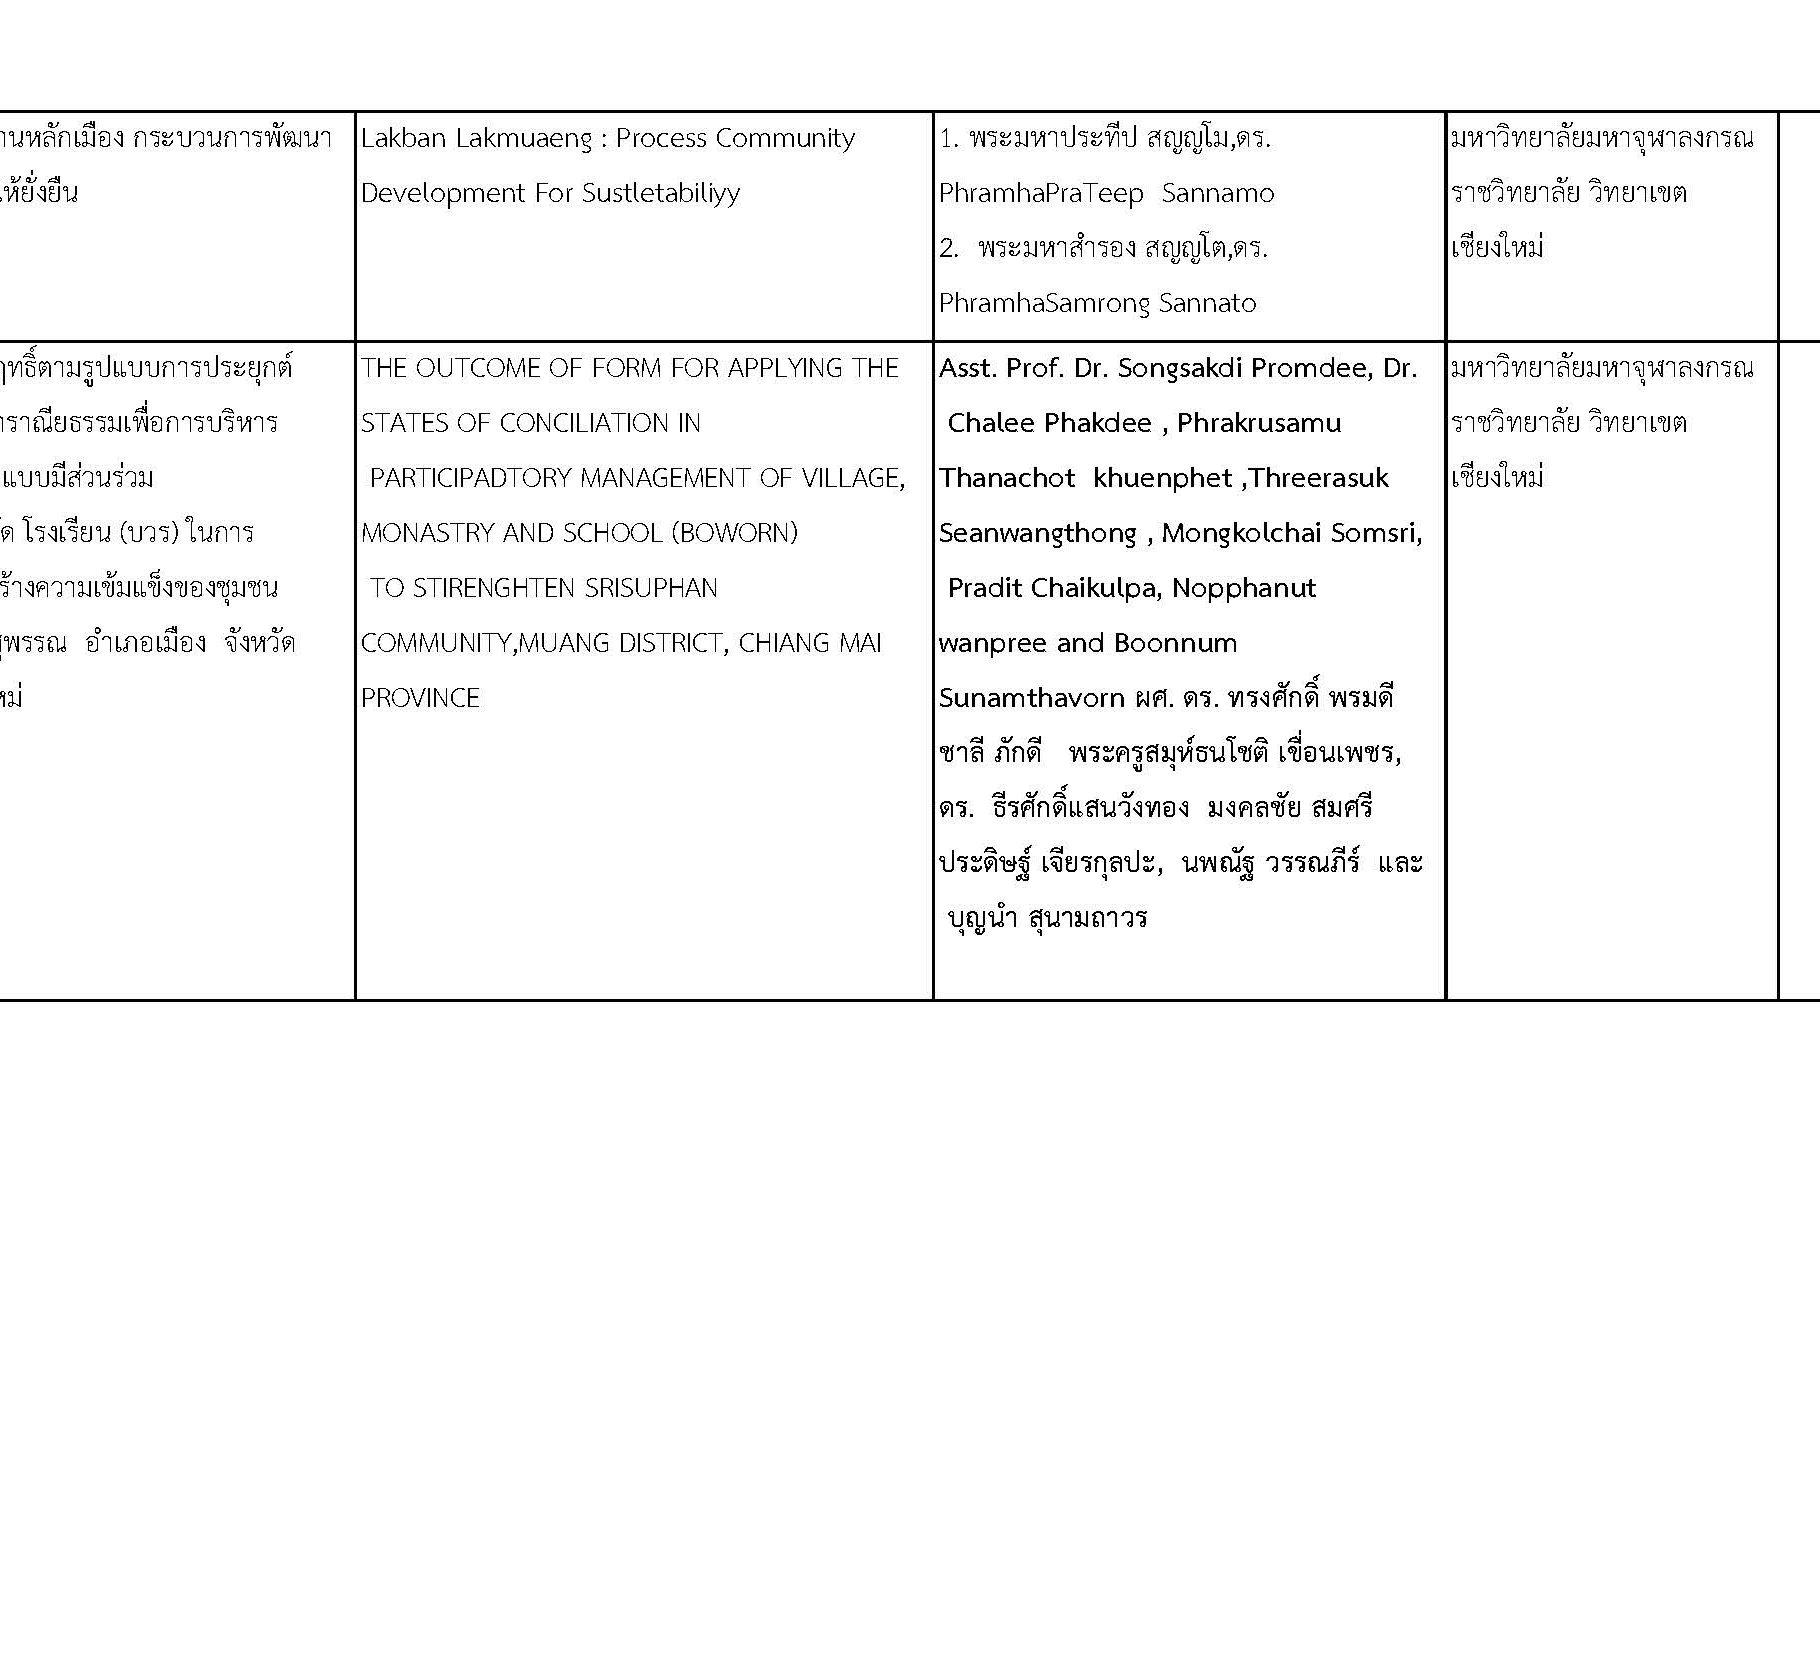 การประชุมวิชาการพระพุทธศาสนาและศิลปวัฒนธรรมระดับชาติและนานาชาติครั้งที่ ๒_Page_12